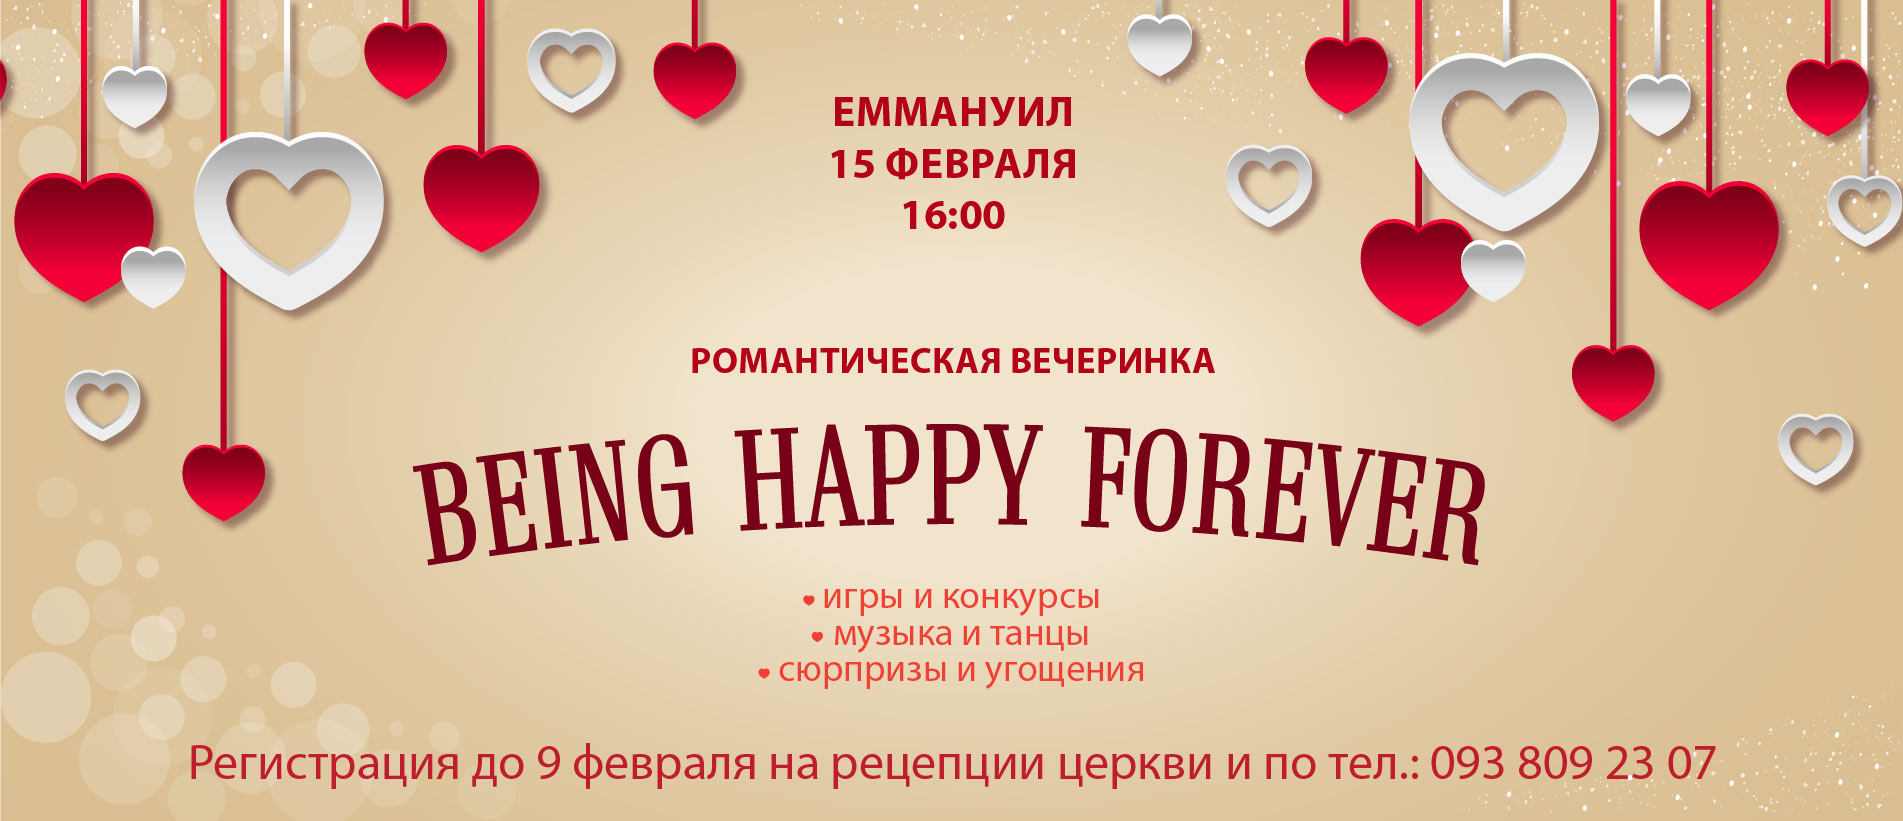 Романтическая вечеринка 15 февраля